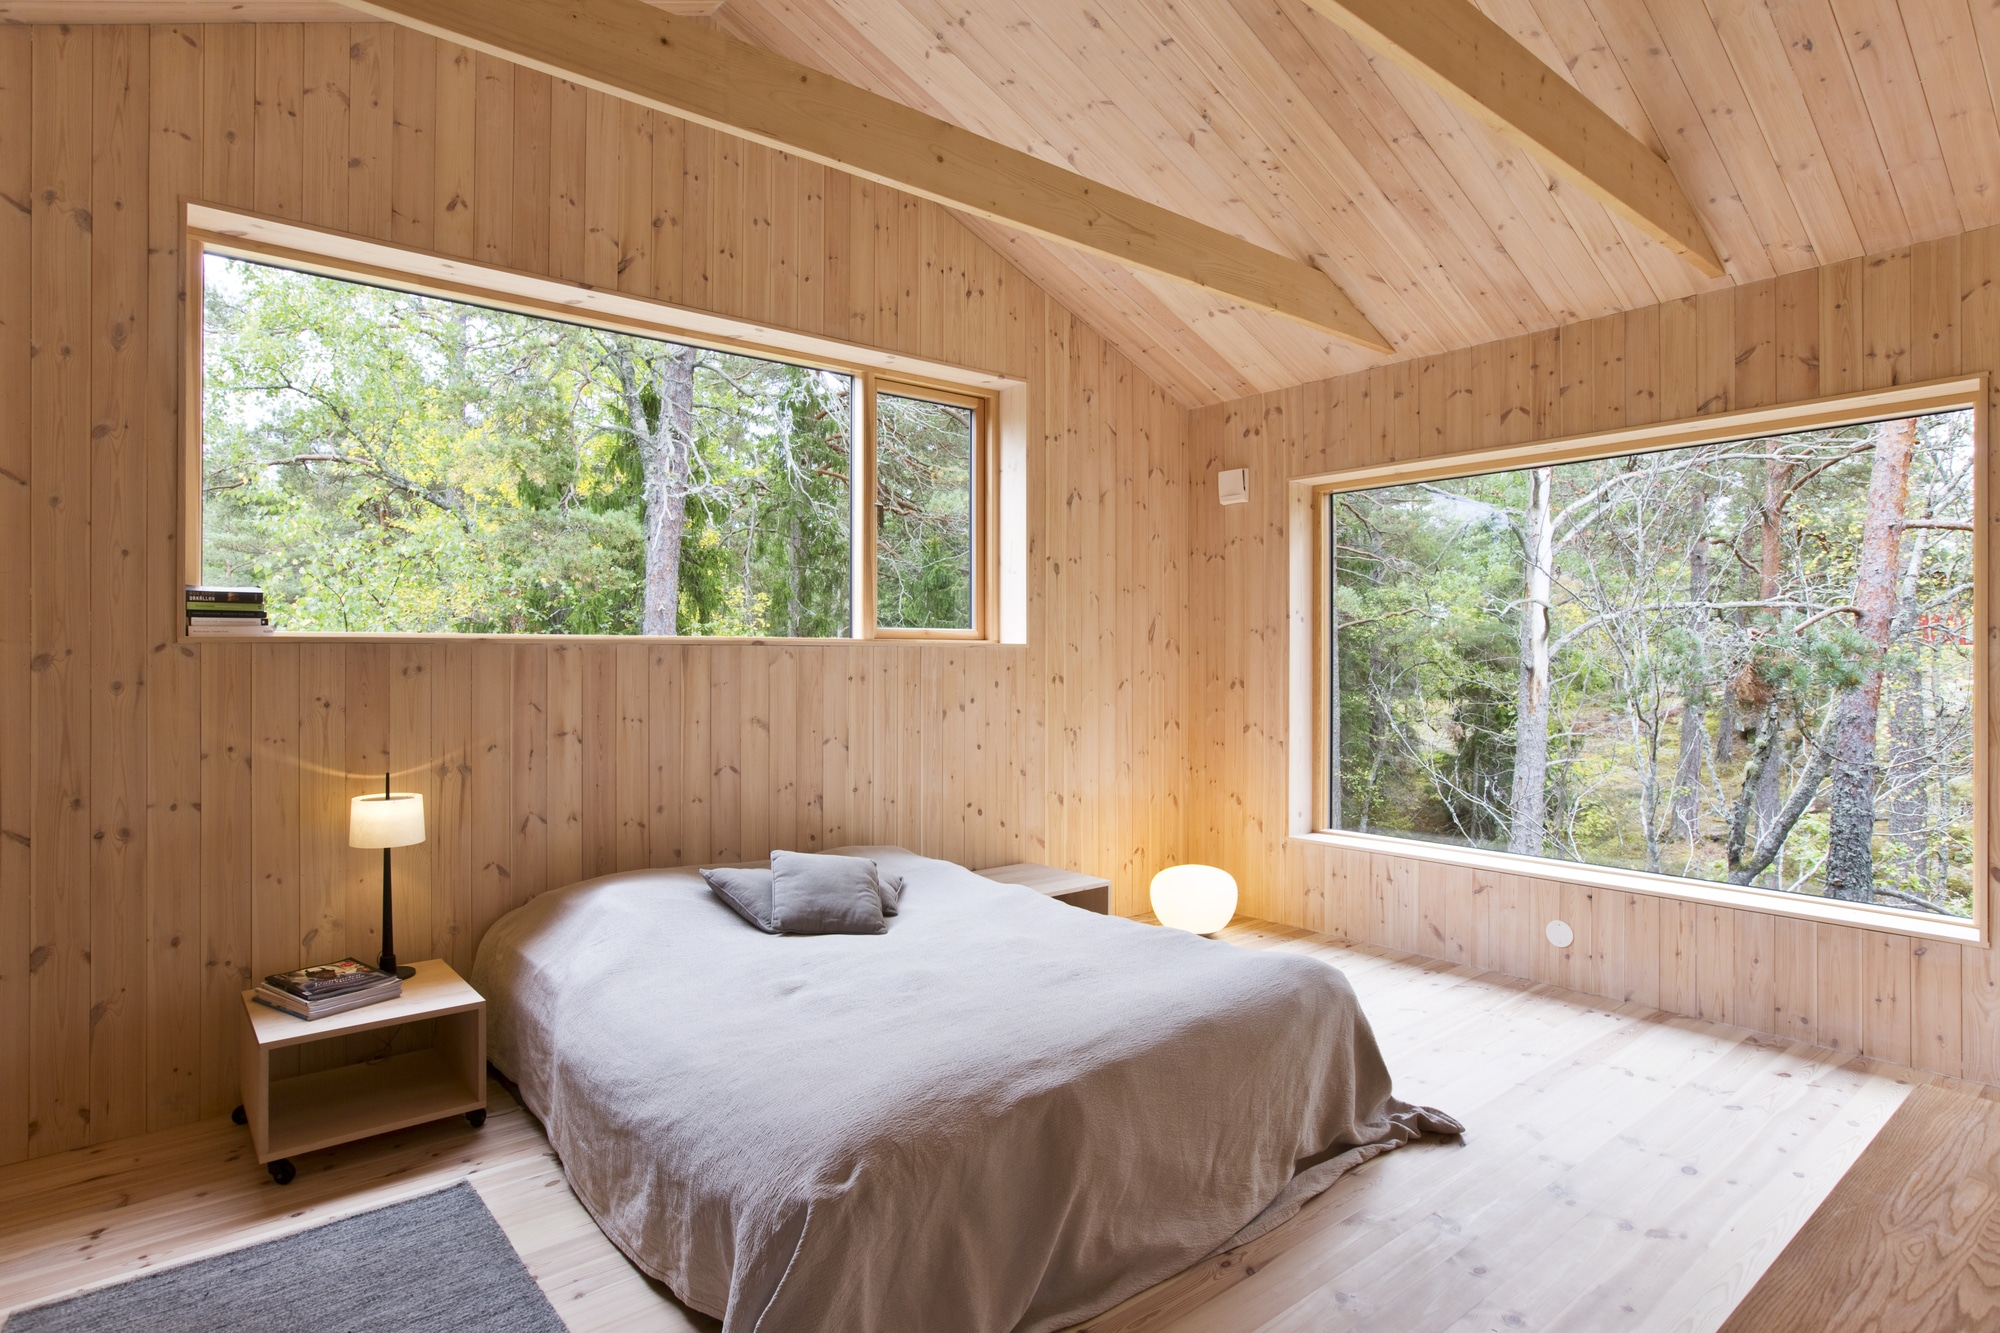 Dise o de casa peque a de madera fachada planos interior - Dormitorios en madera ...